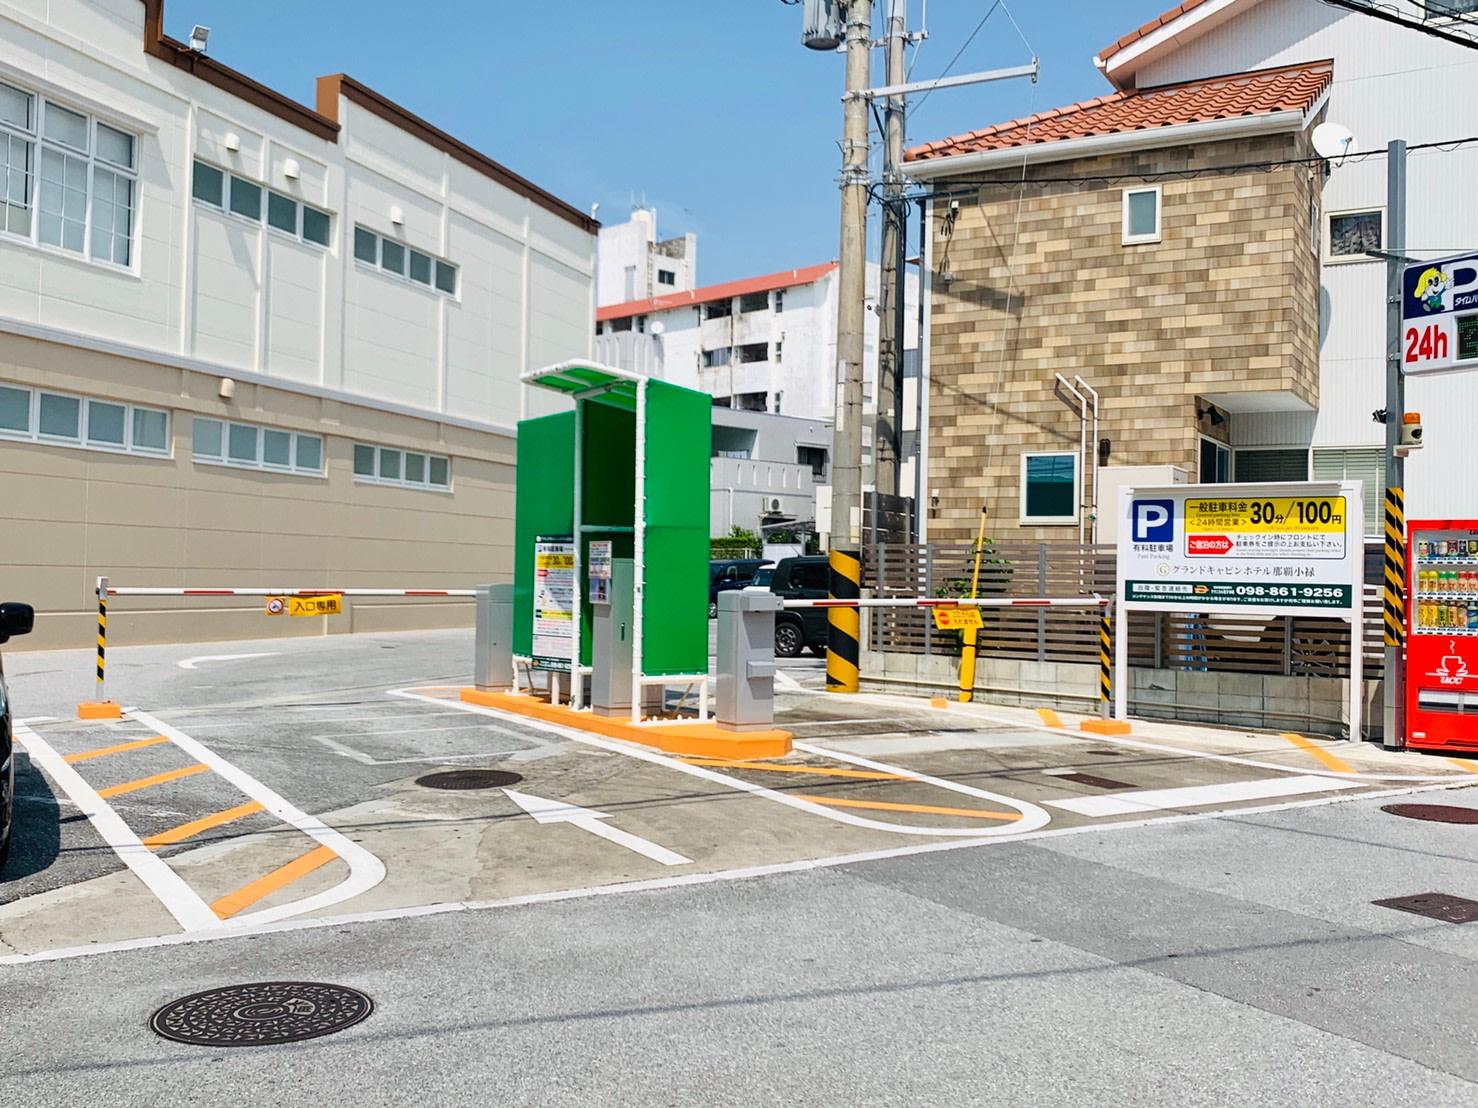 駐車場 | Workations(ワーケーションズ)